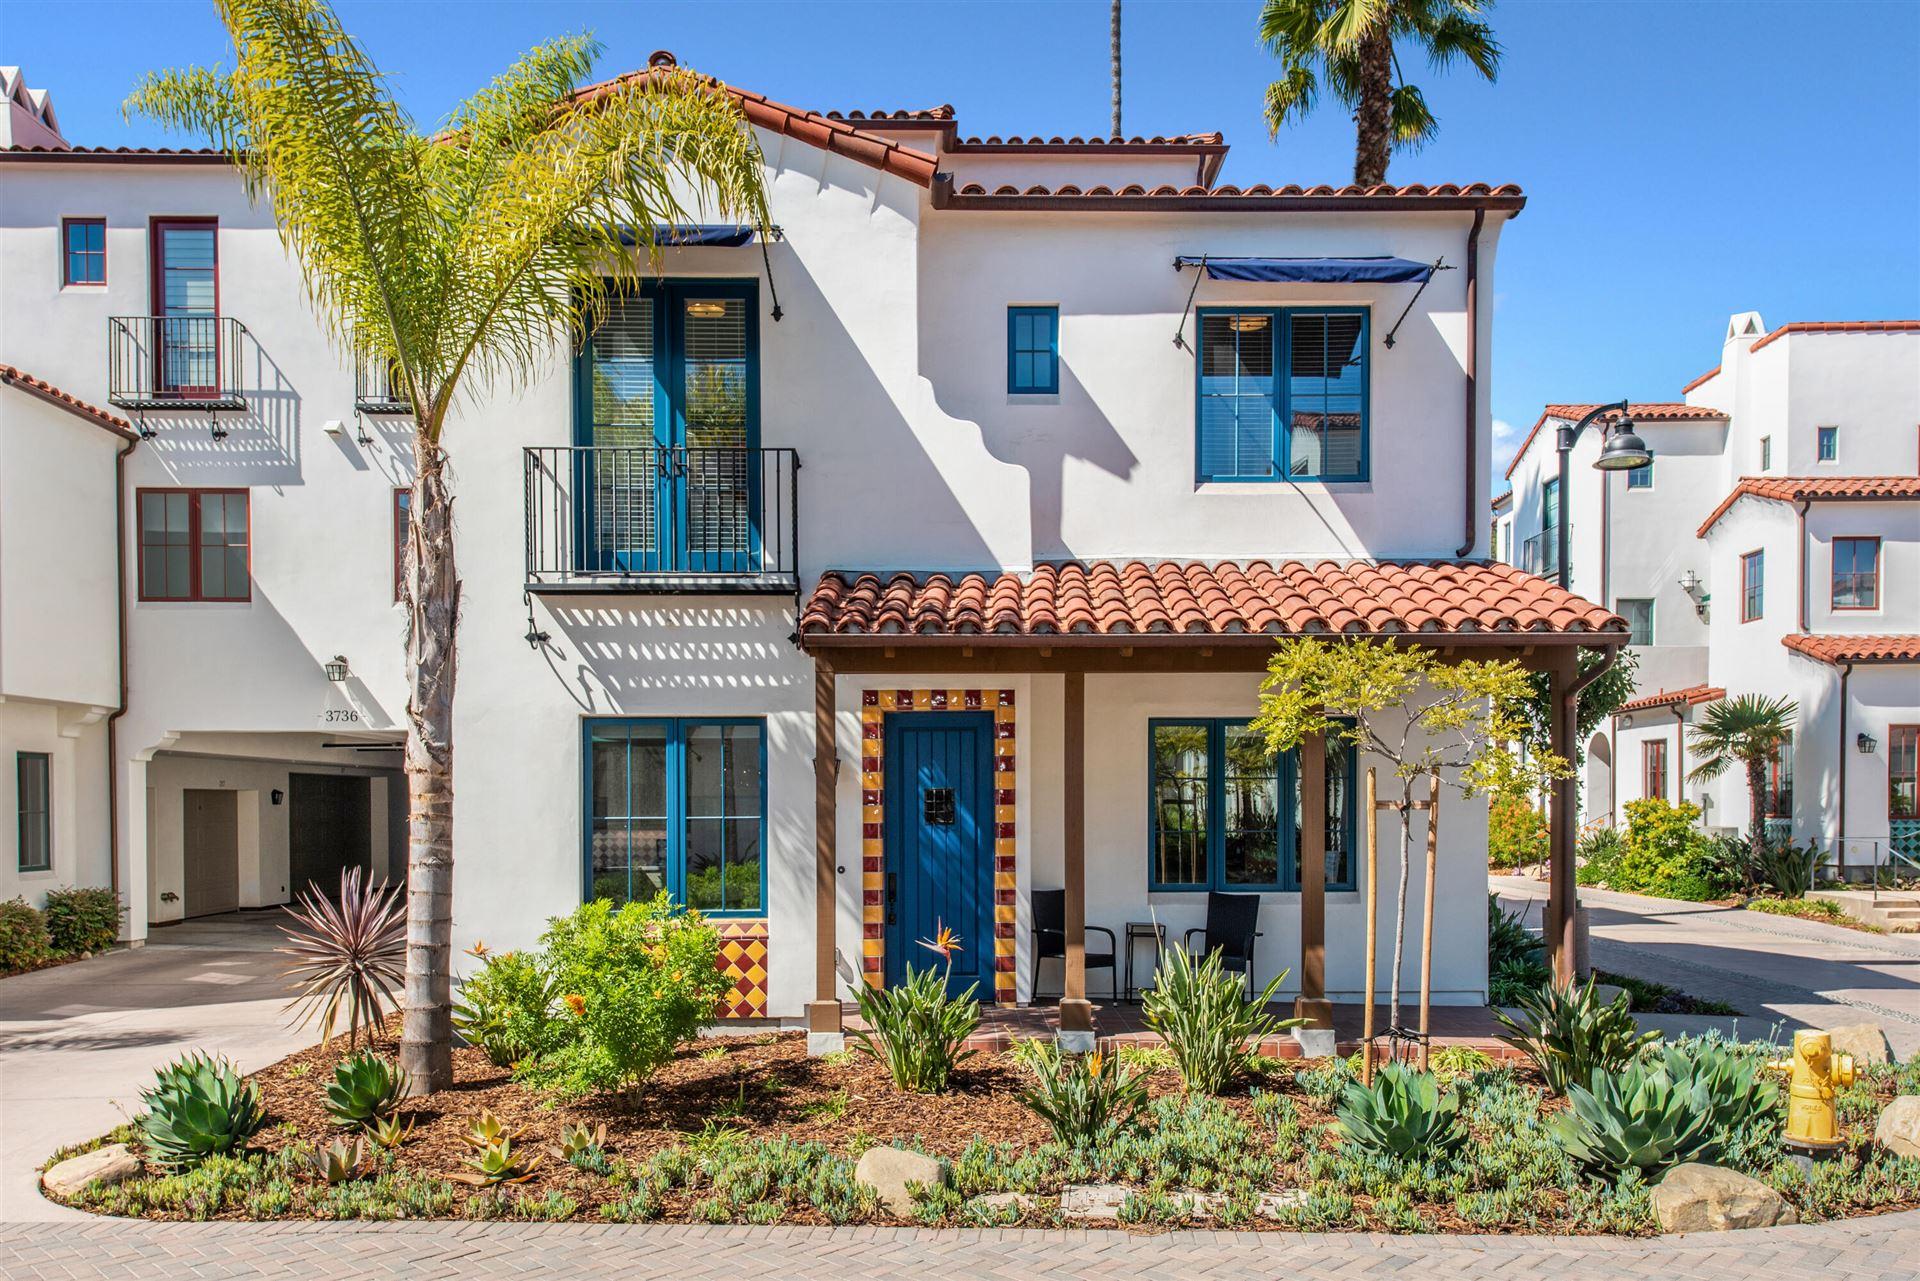 3736 State St #110, Santa Barbara, CA 93105 - MLS#: 21-3810